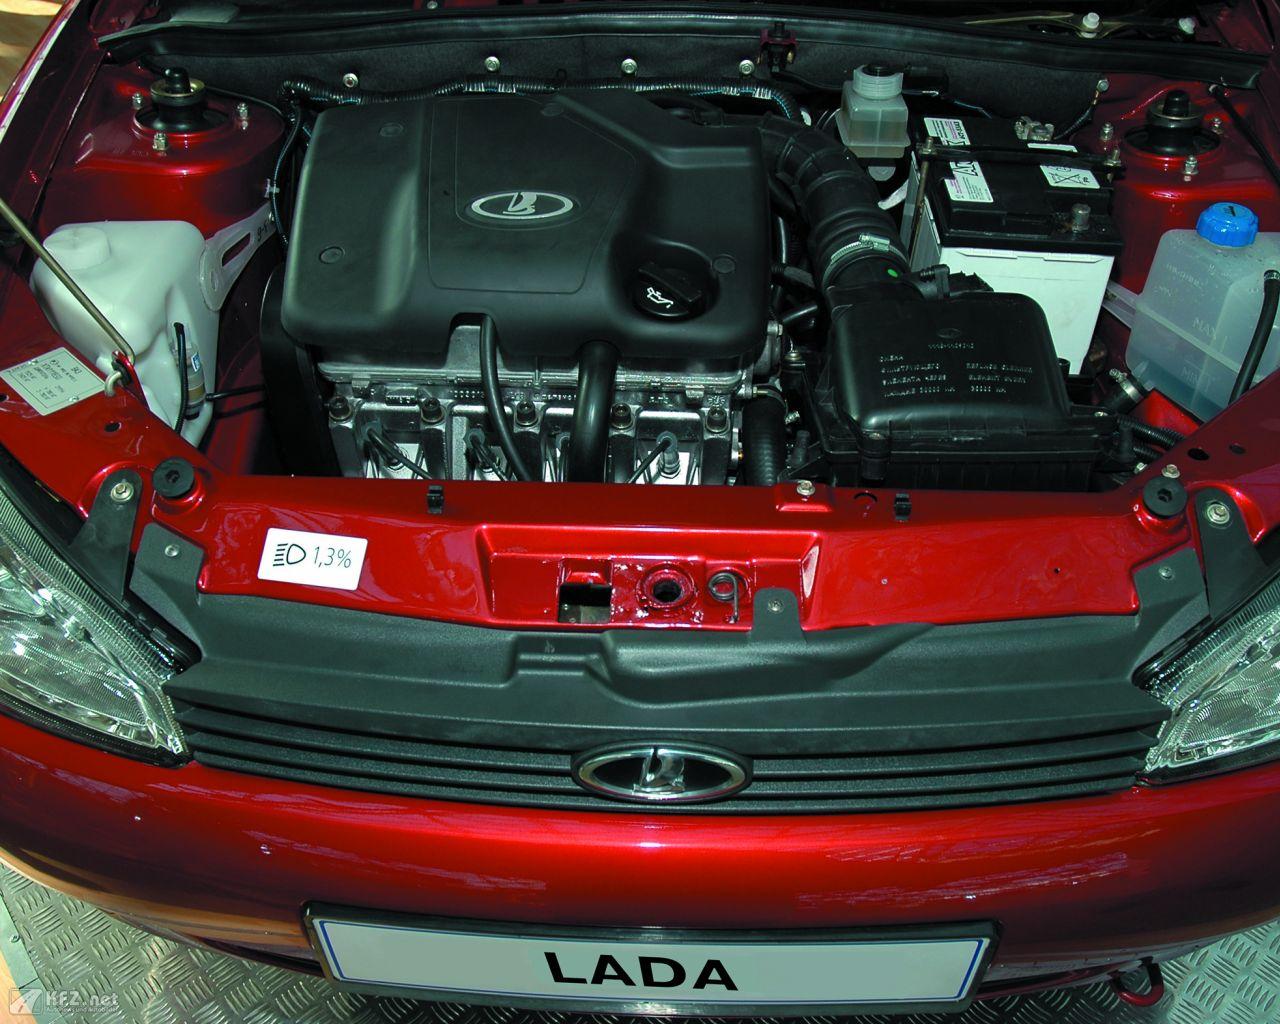 lada-kalina-1117-1280x1024-15